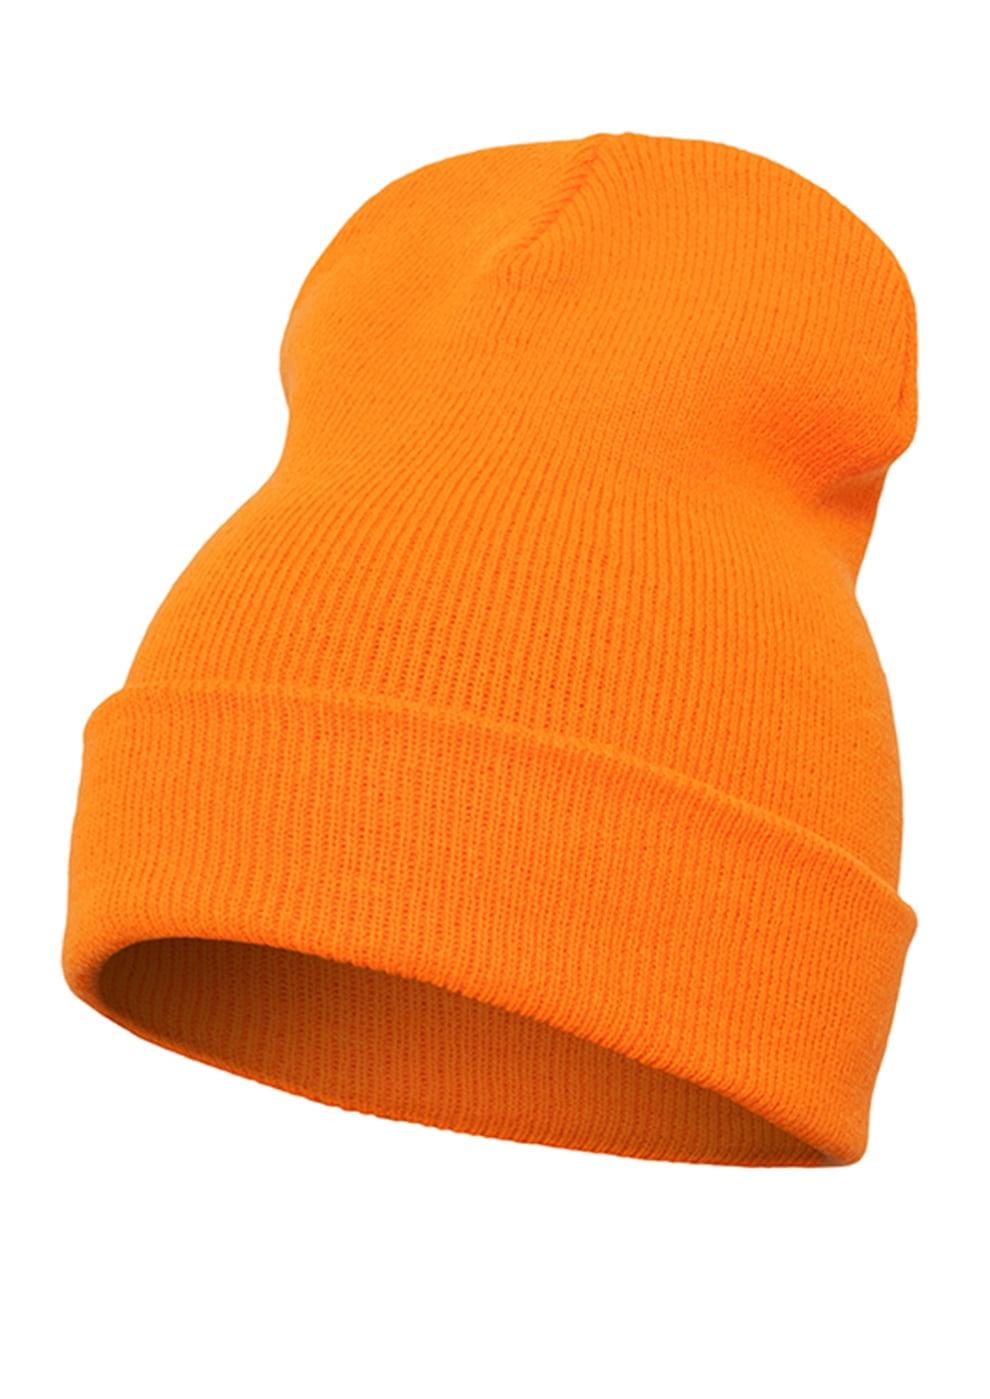 Cuffed Knit Beanie Cap